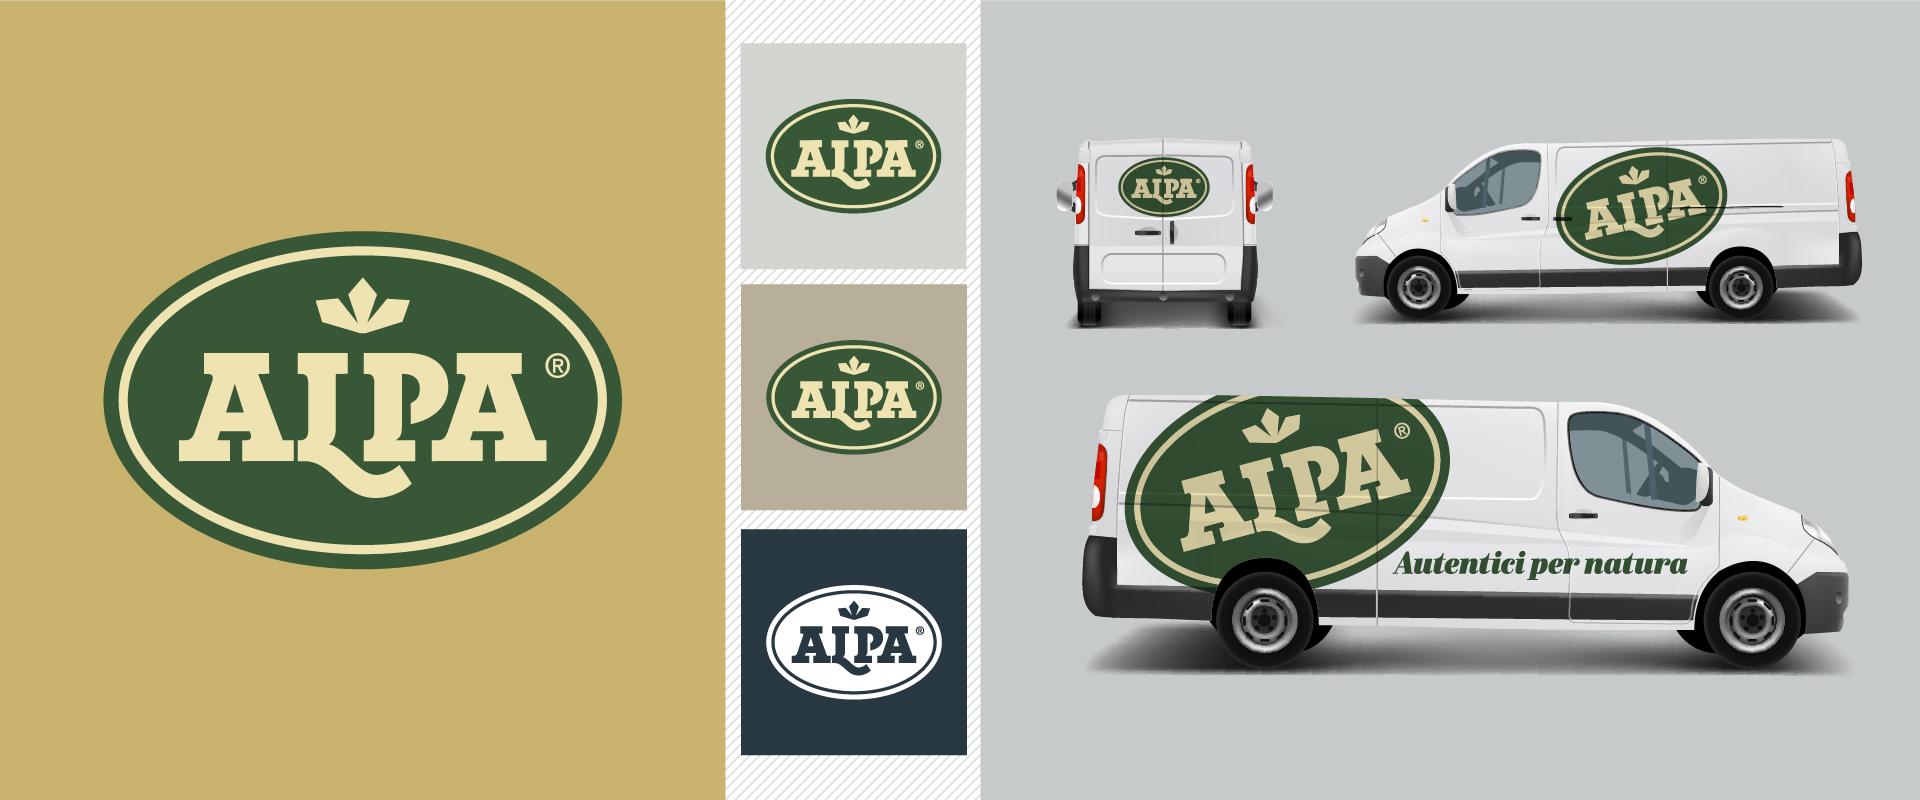 Corporate identity Alpa, logotype e personalizzazione veicolo aziendale